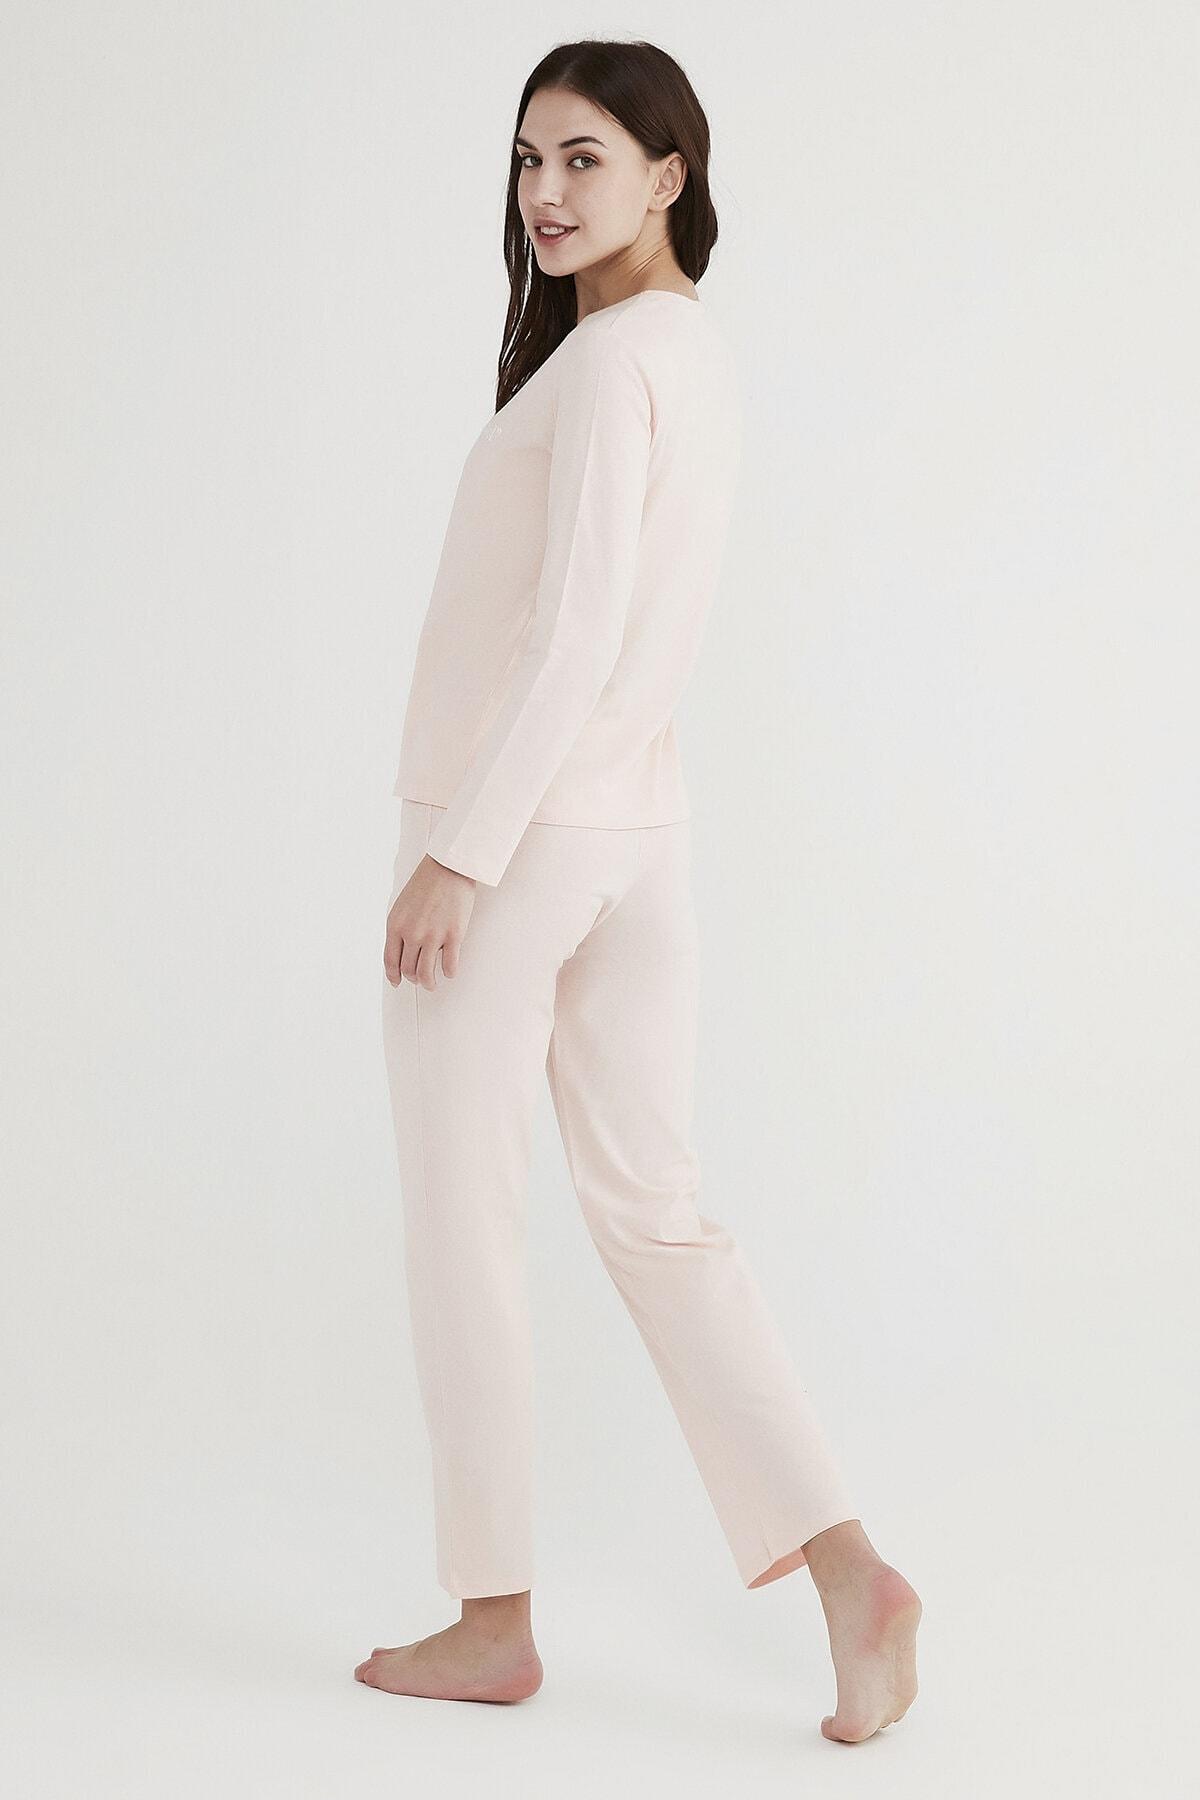 Penti Kadın Pembe Base Offline Pijama Takımı 3